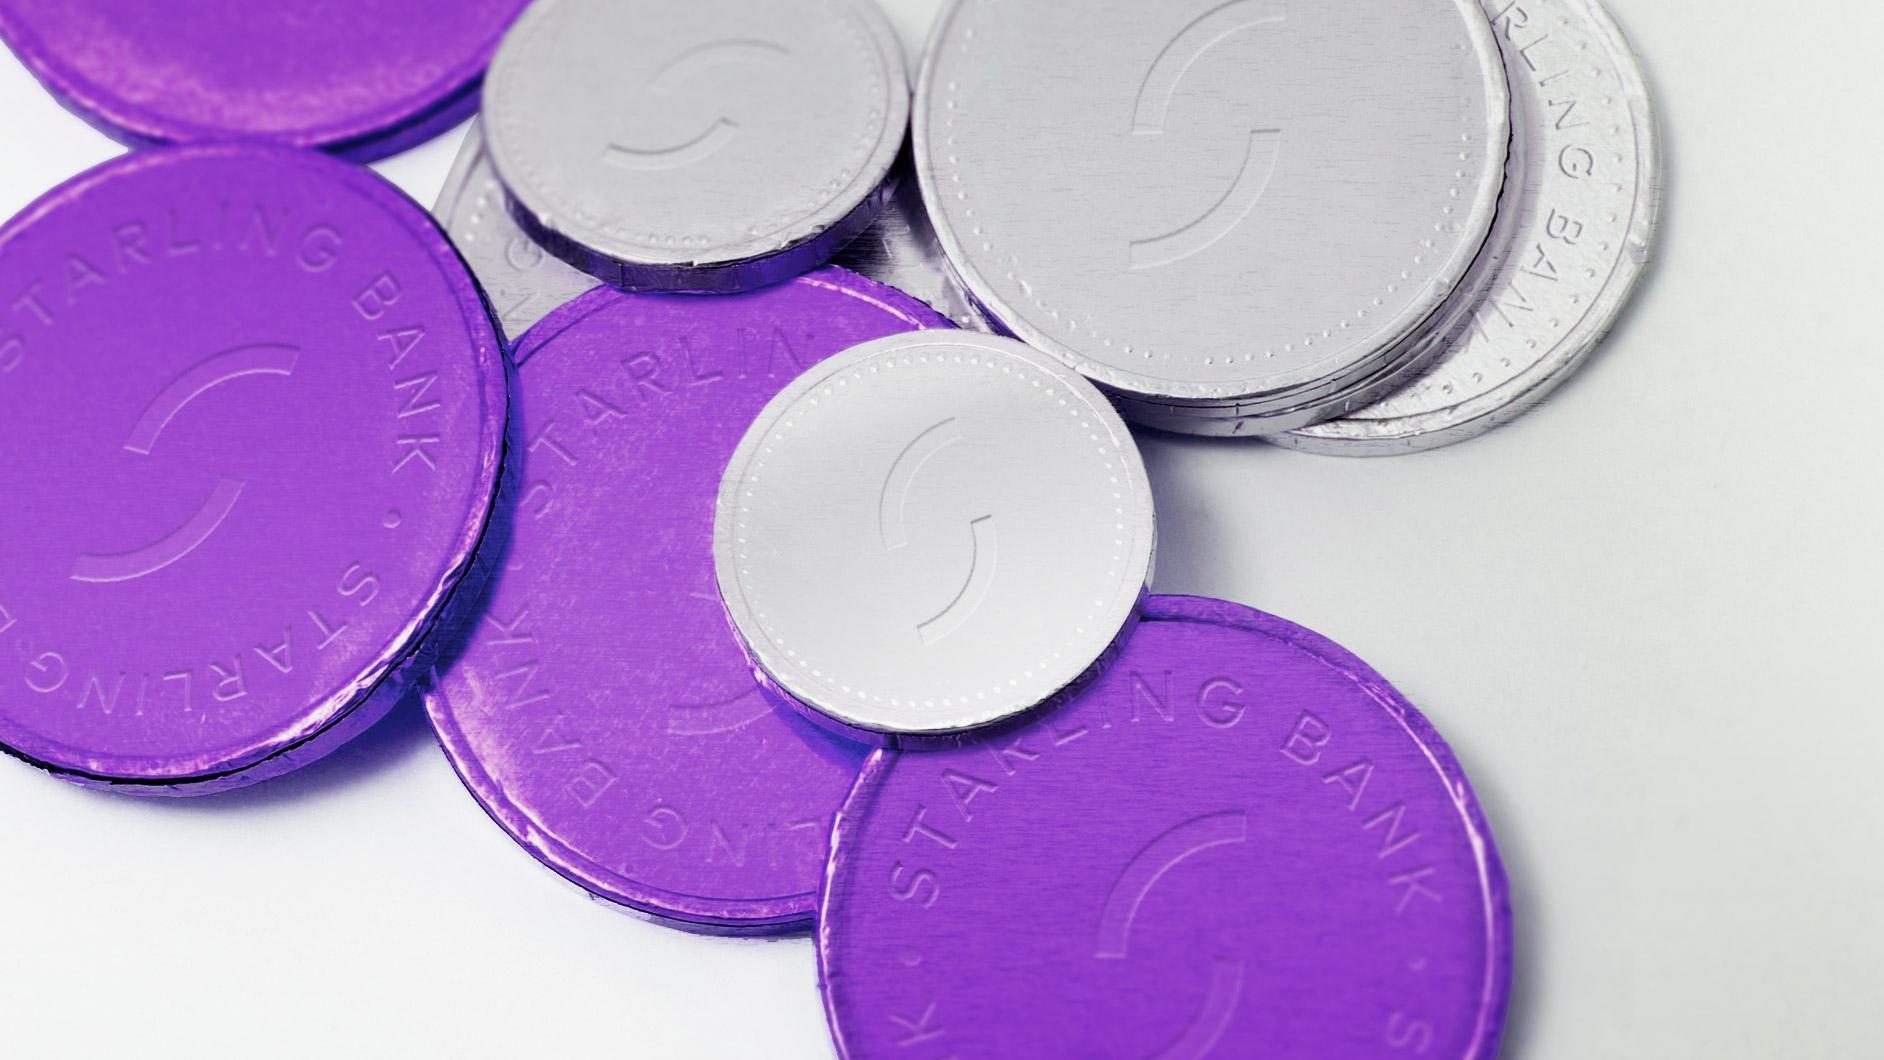 choc-coins